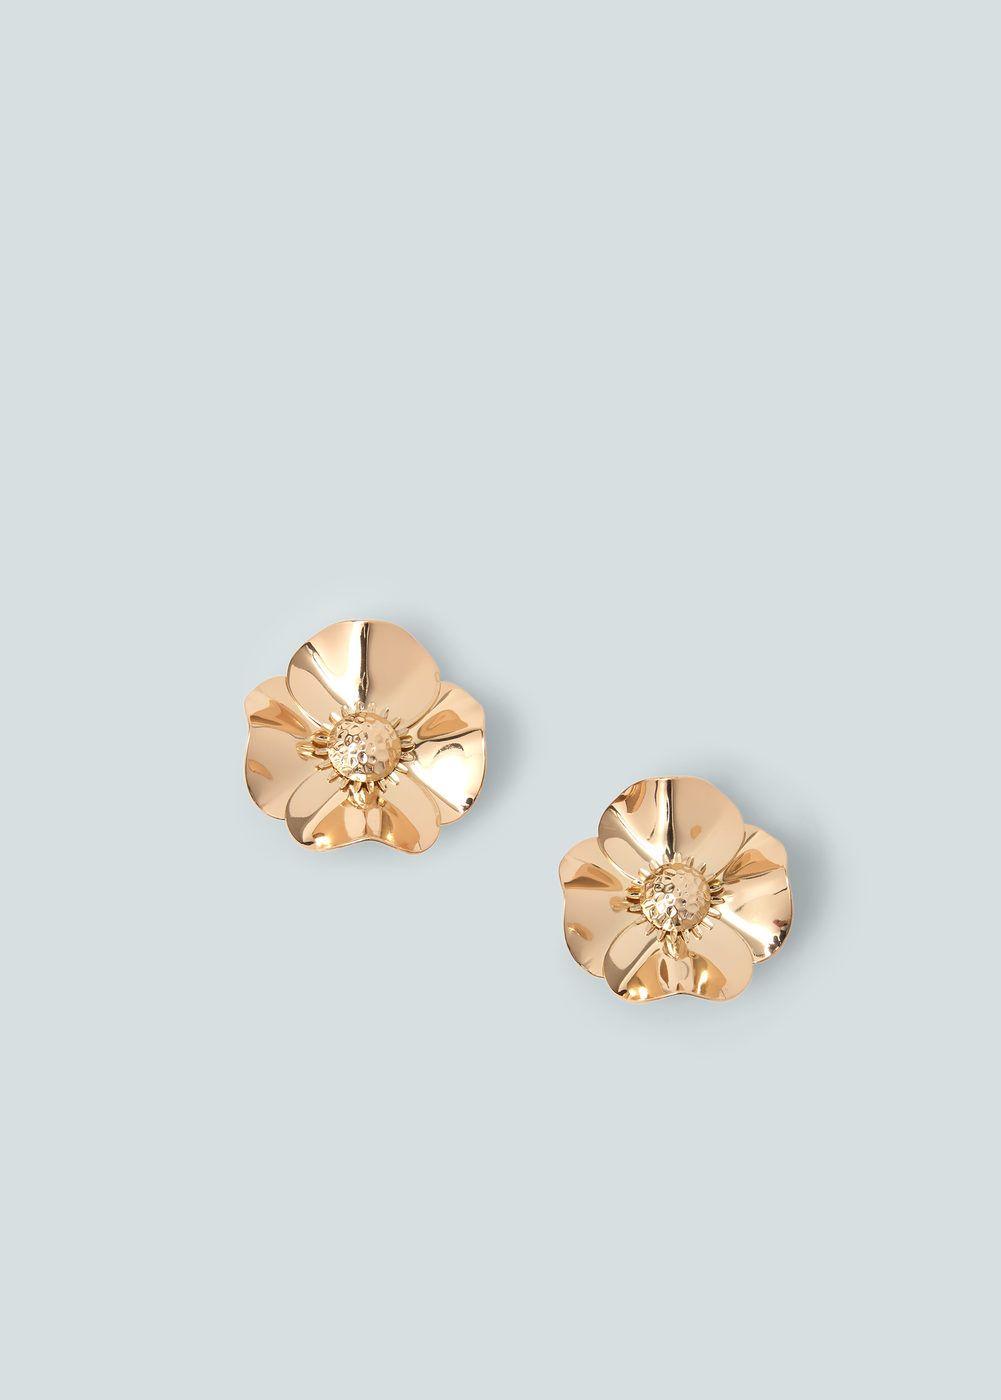 Ohrringe mit blumenmotiv - Damen | Blumenmotiv und Mango